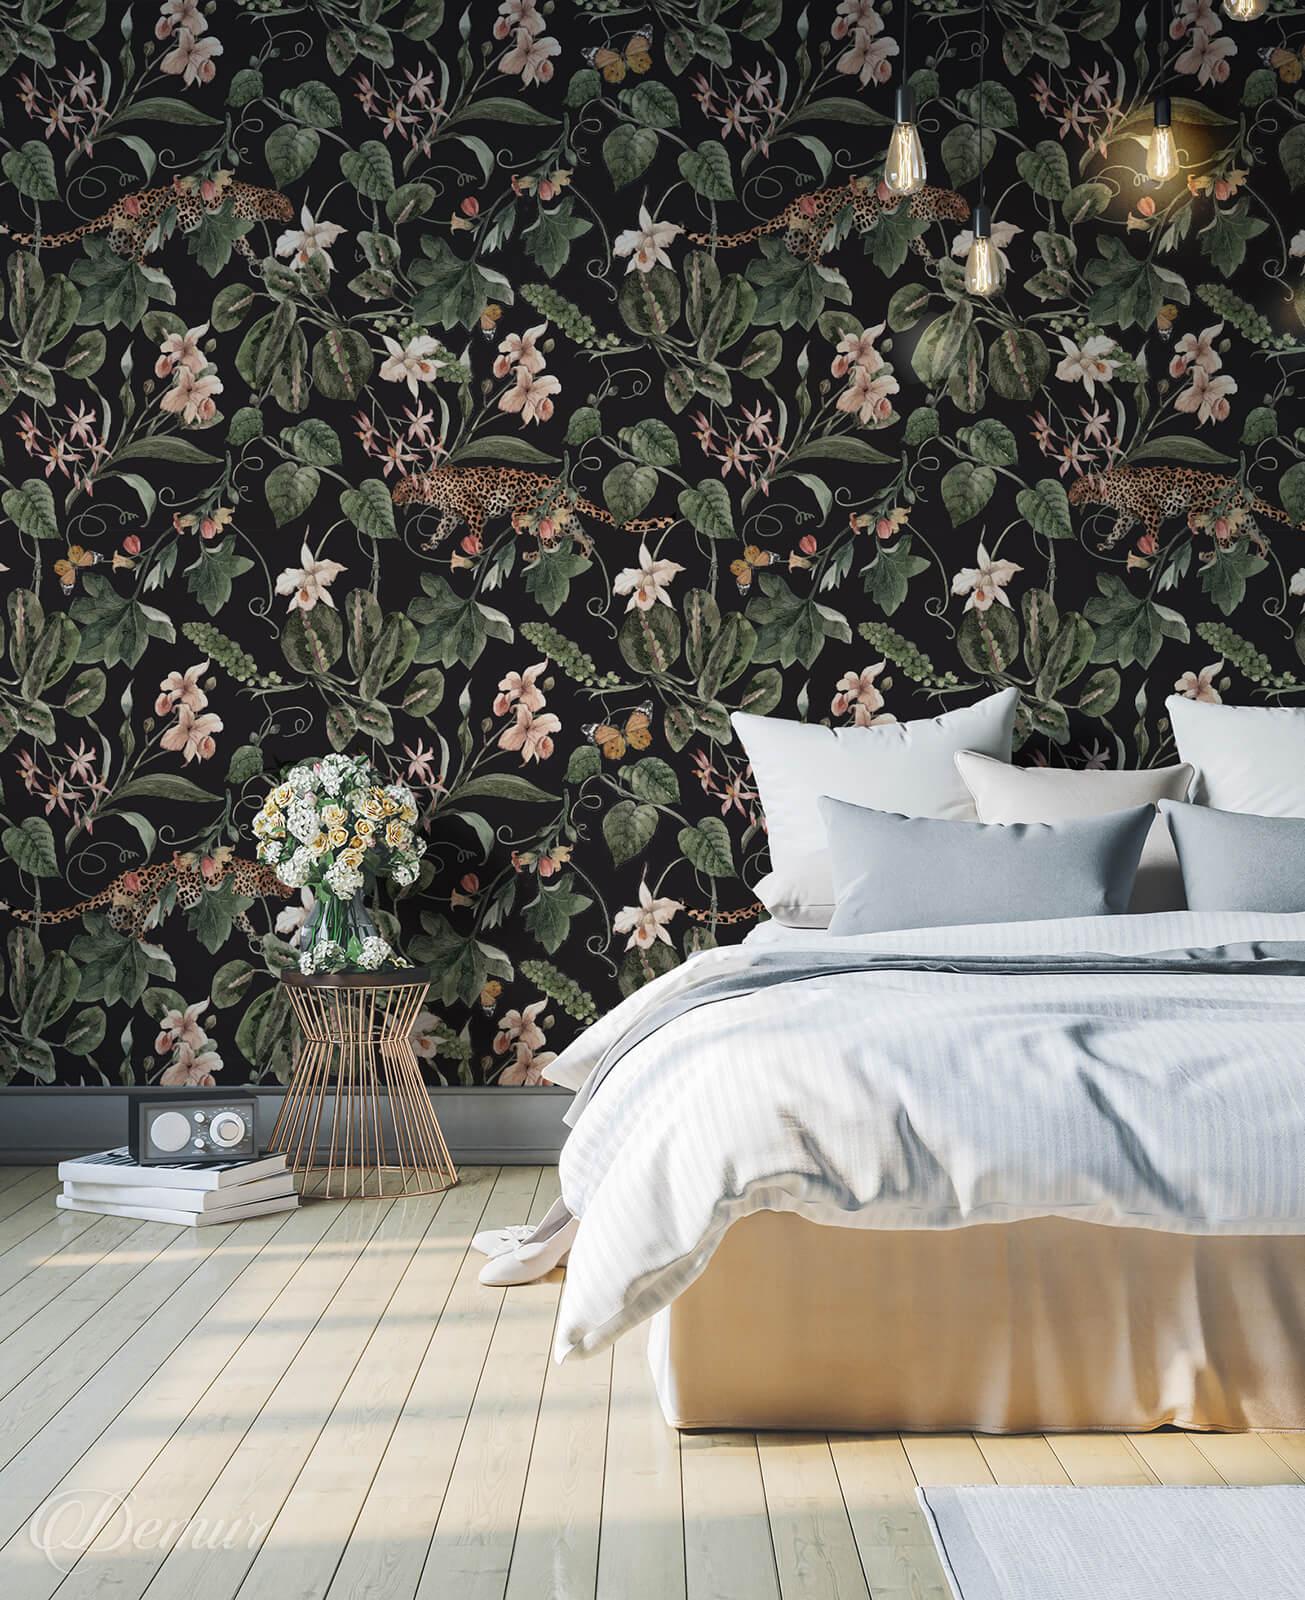 Tapeta Prywatna dżungla - Tapety do sypialni - Demur